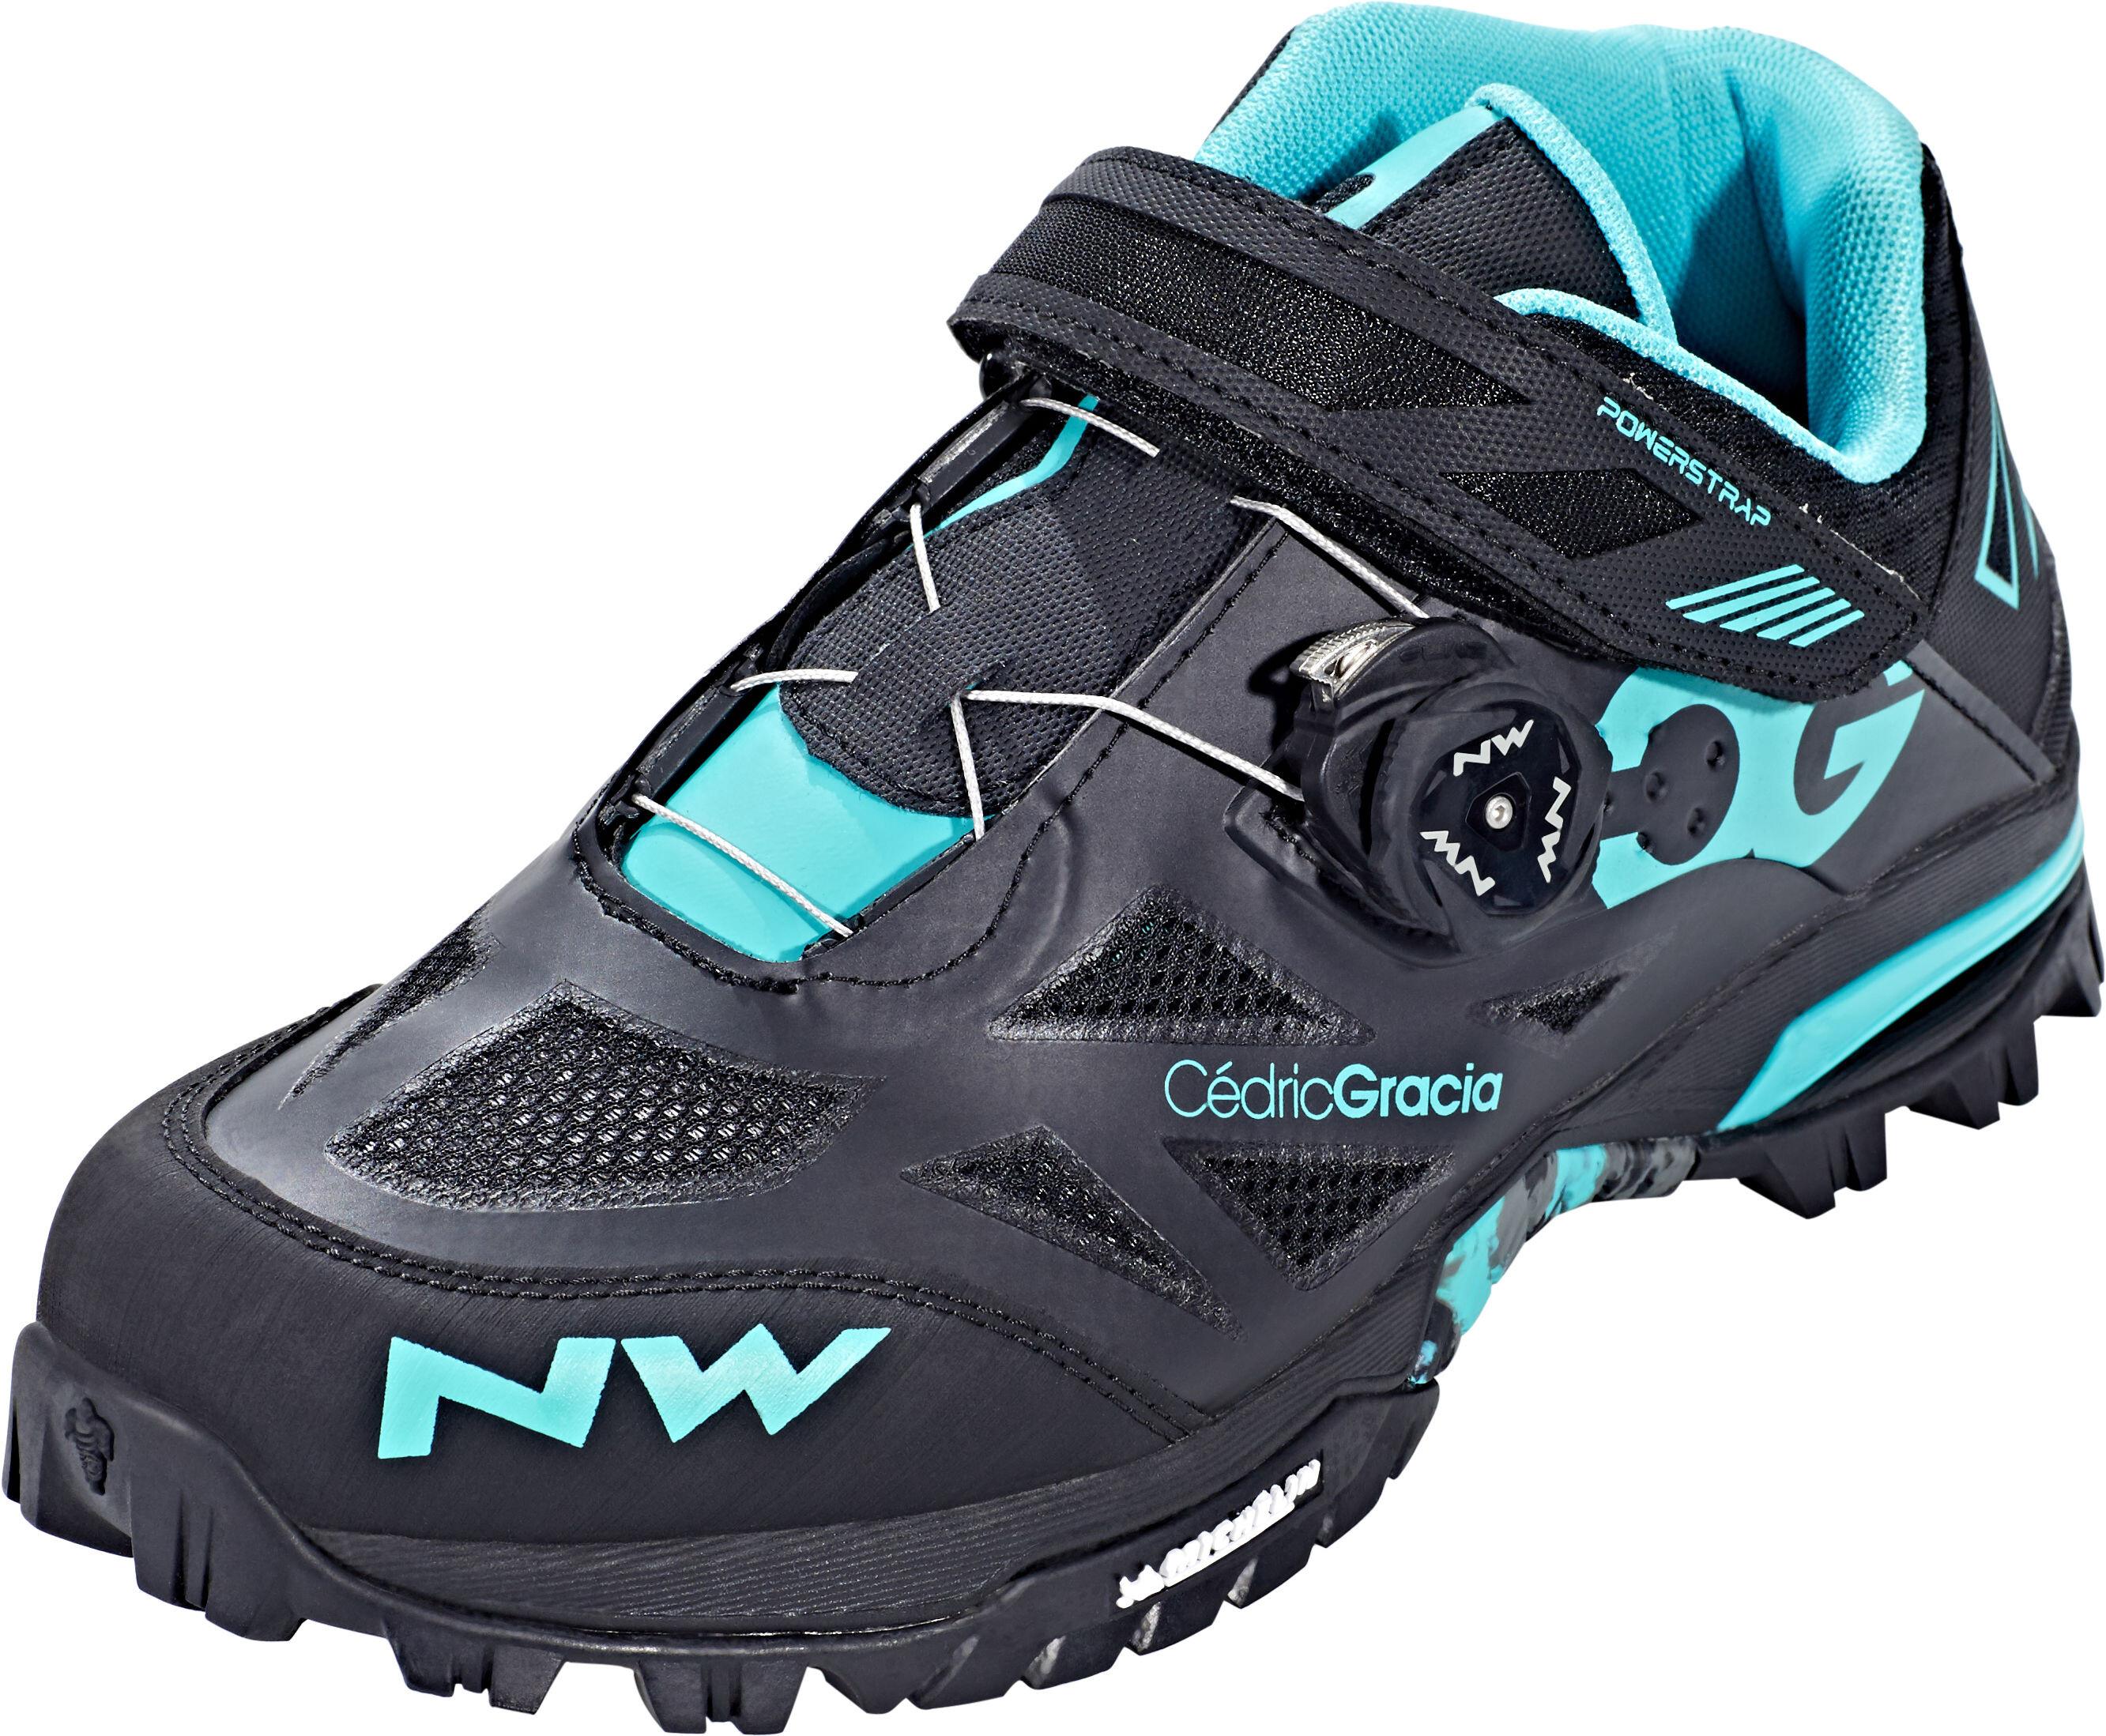 Northwave Enduro Mid Shoes Men black aqua online kaufen   fahrrad.de 7e422b5f46